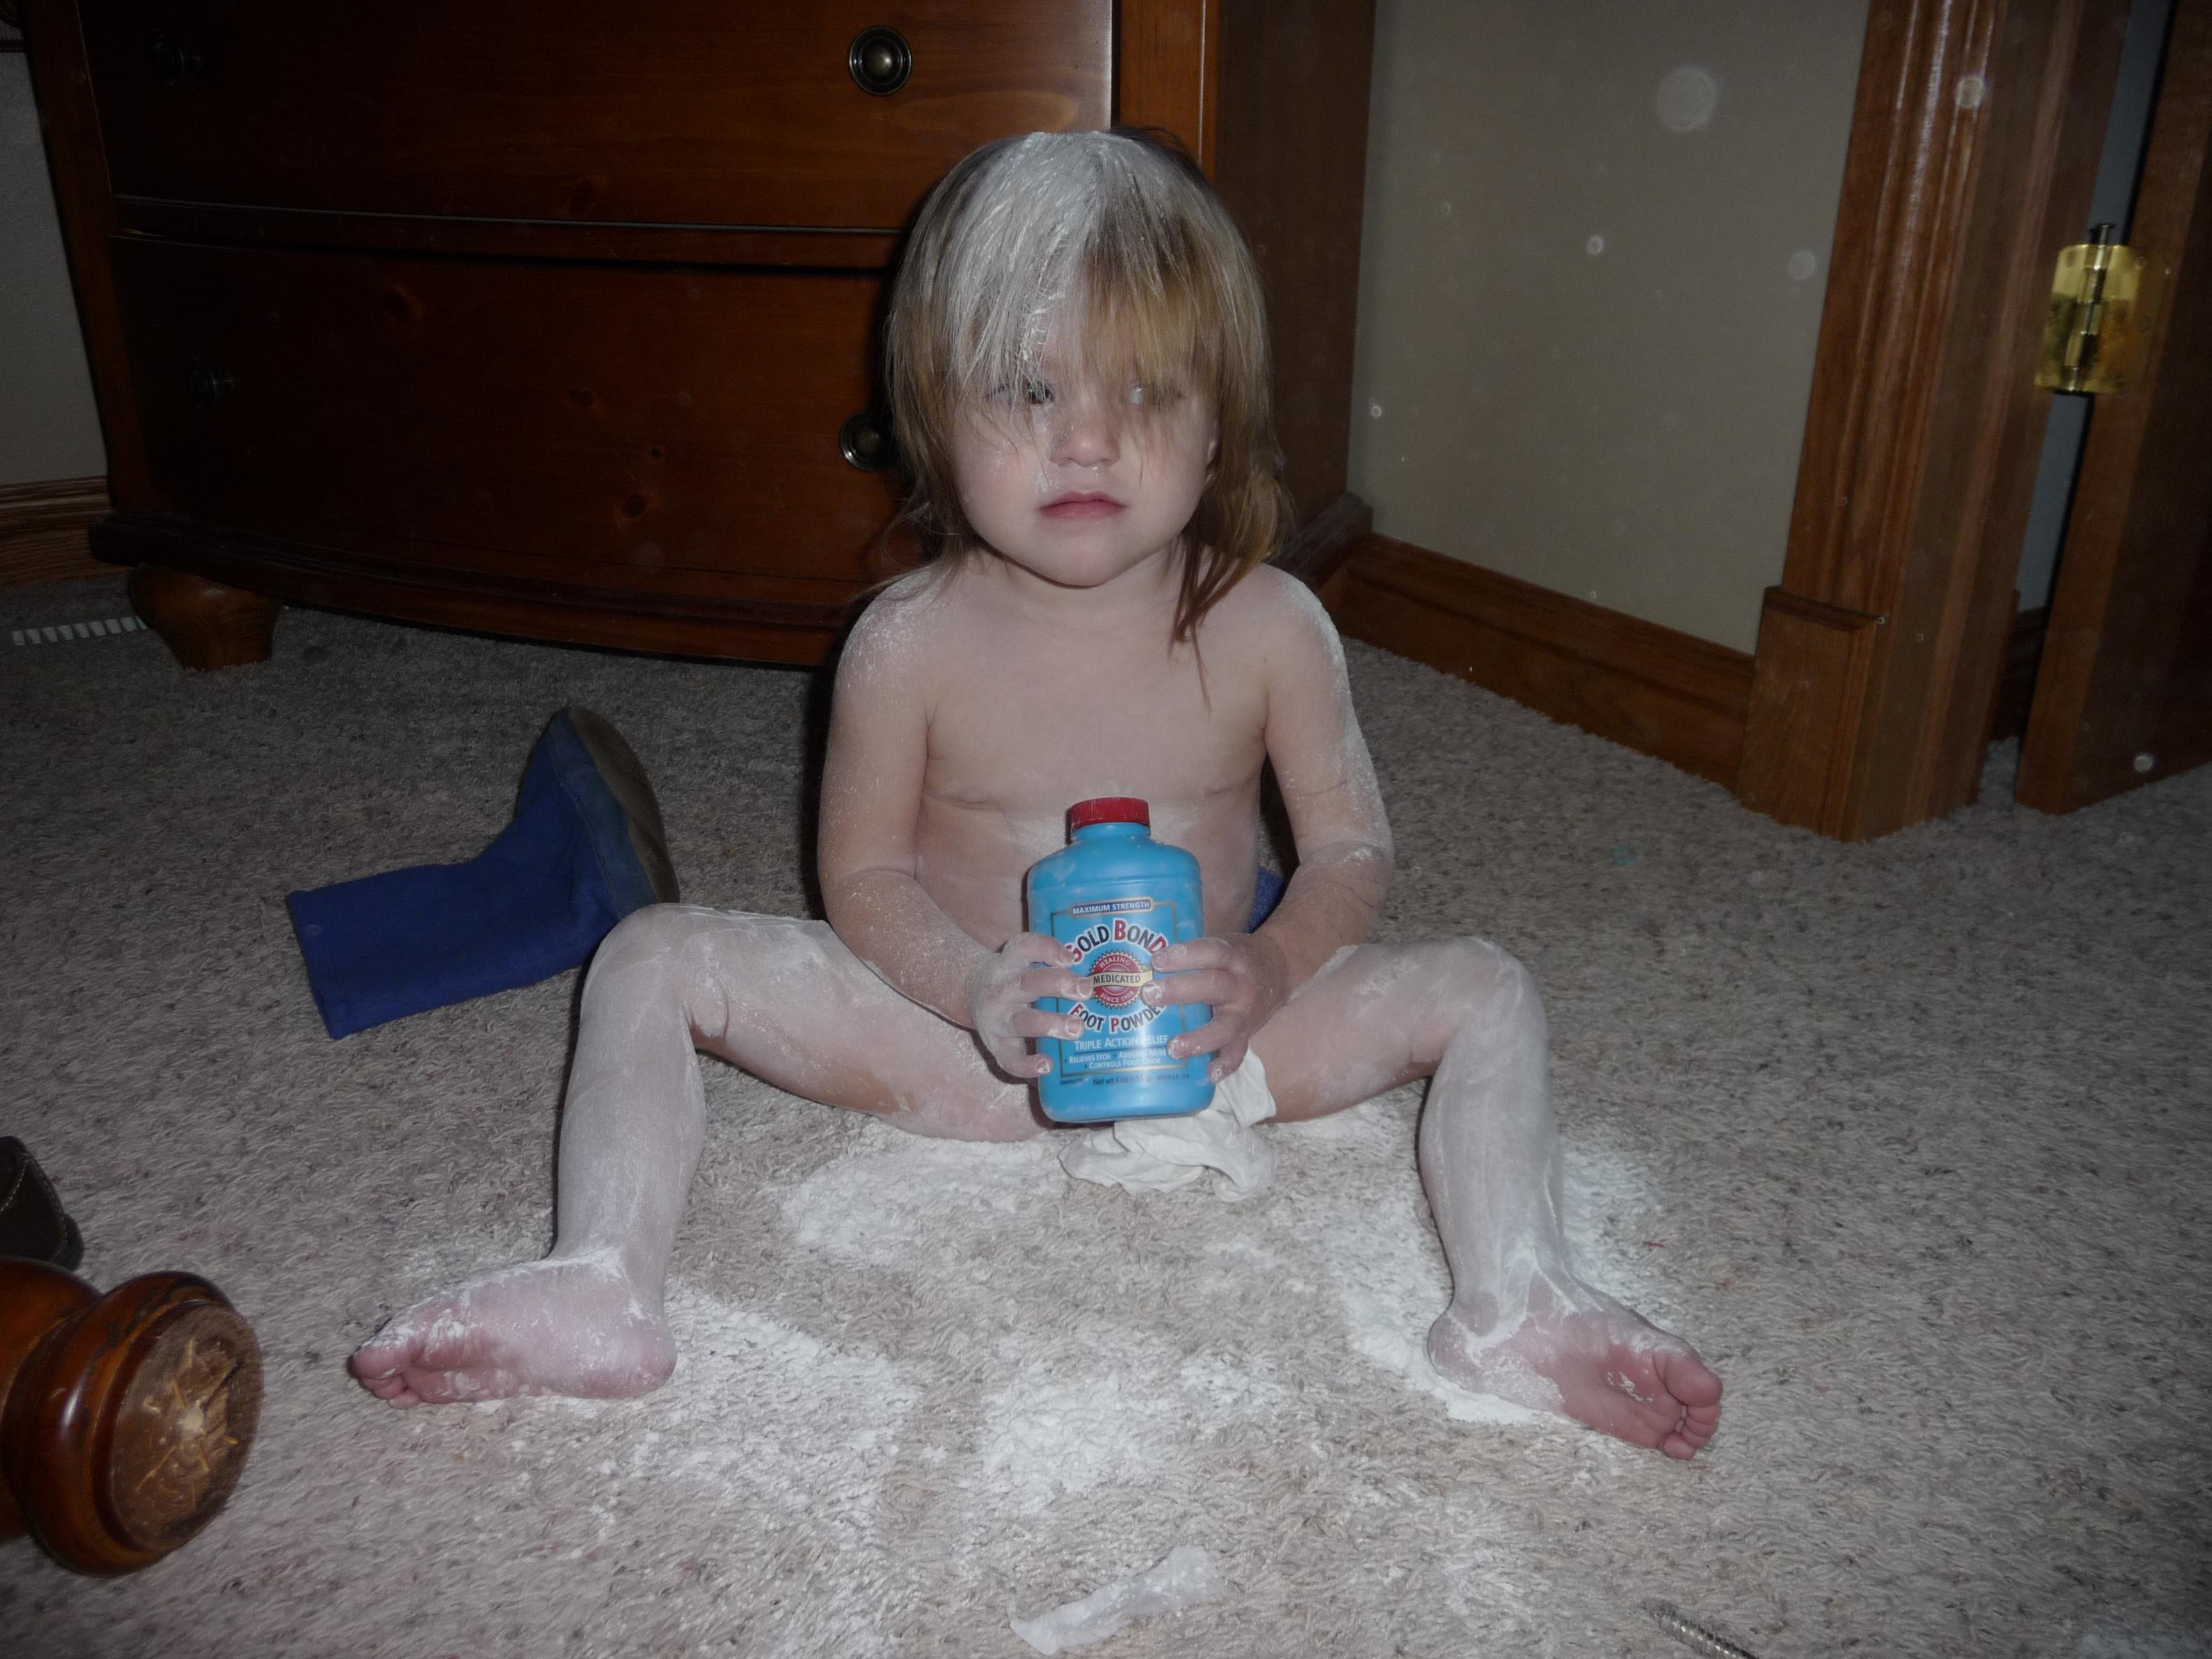 hot teen gifs nude